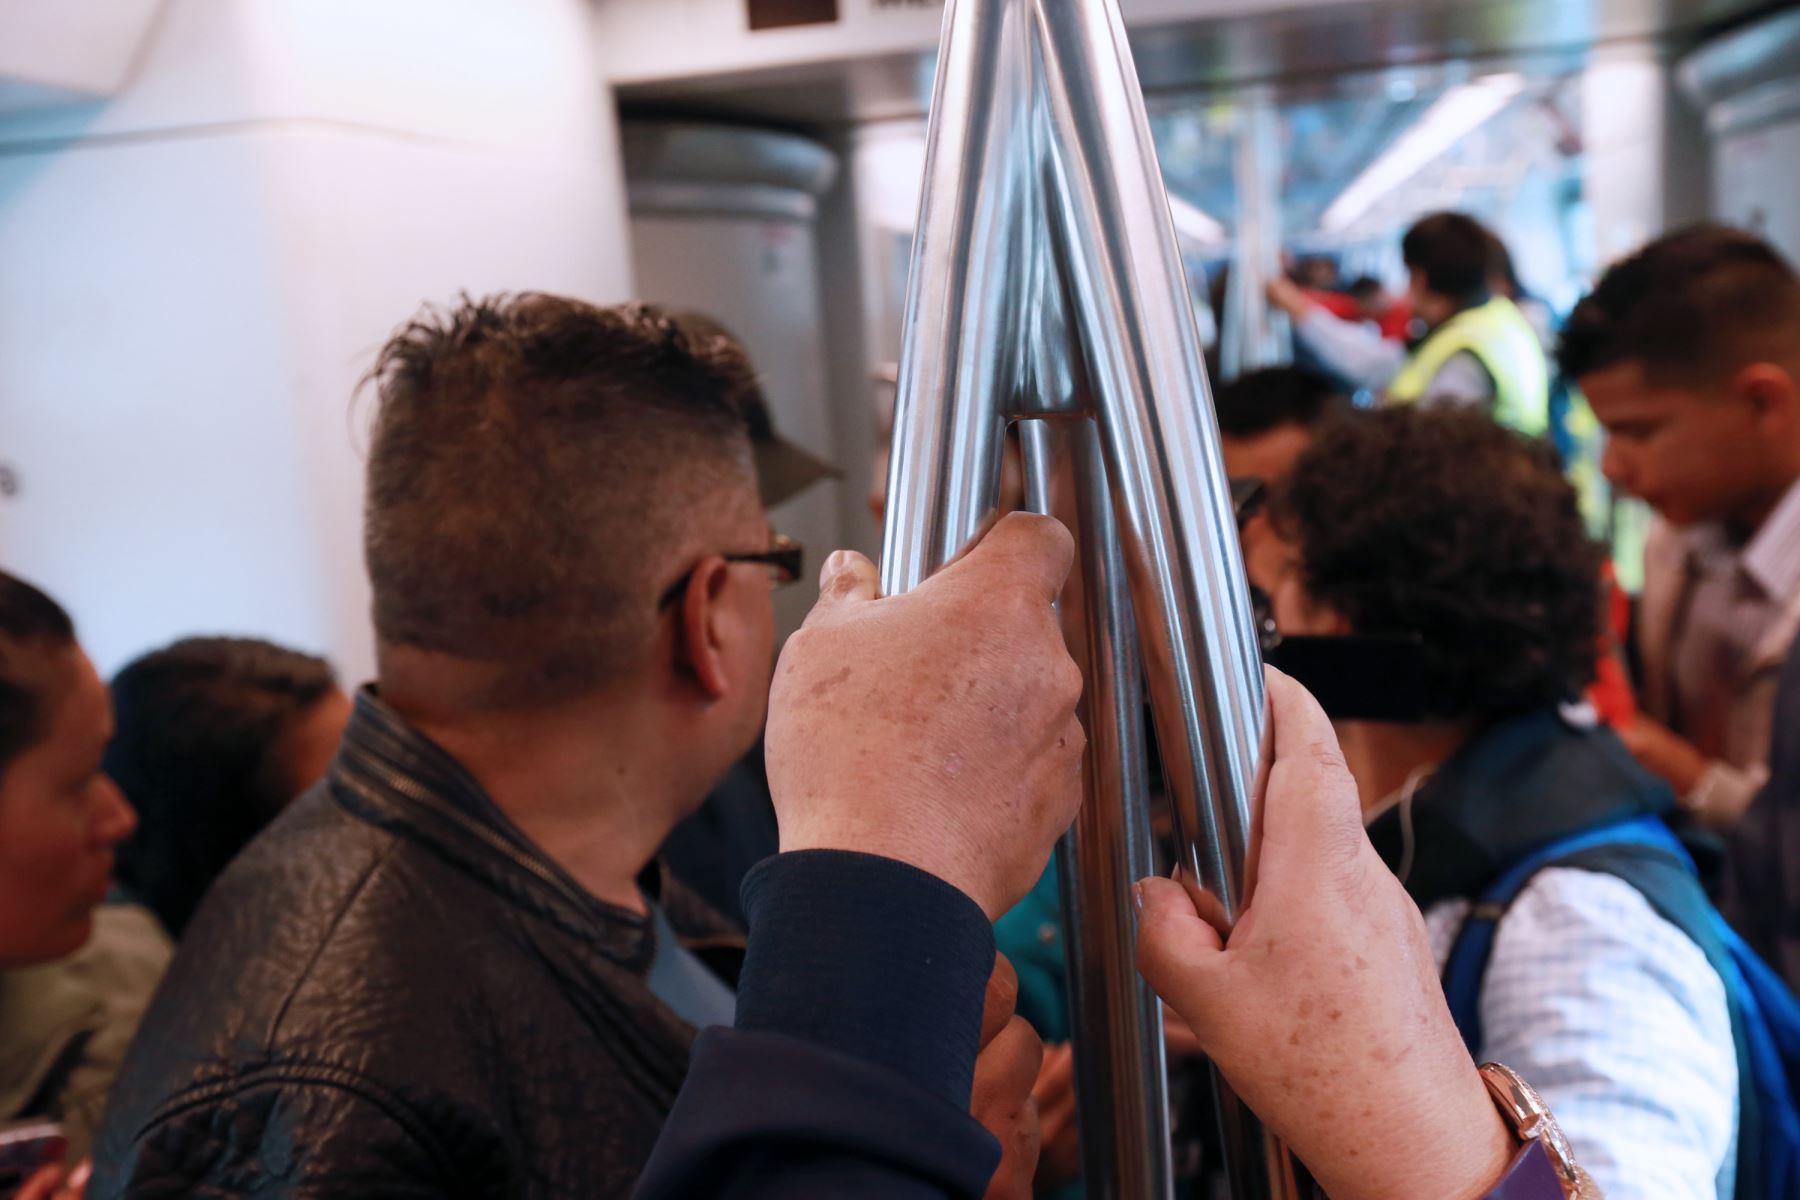 La AATE saluda y comparte la preocupación de la Contraloría General sobre la comercialización informal de pasajes en la Línea 1 del Metro de Lima. Foto: ANDINA/Norman Córdova